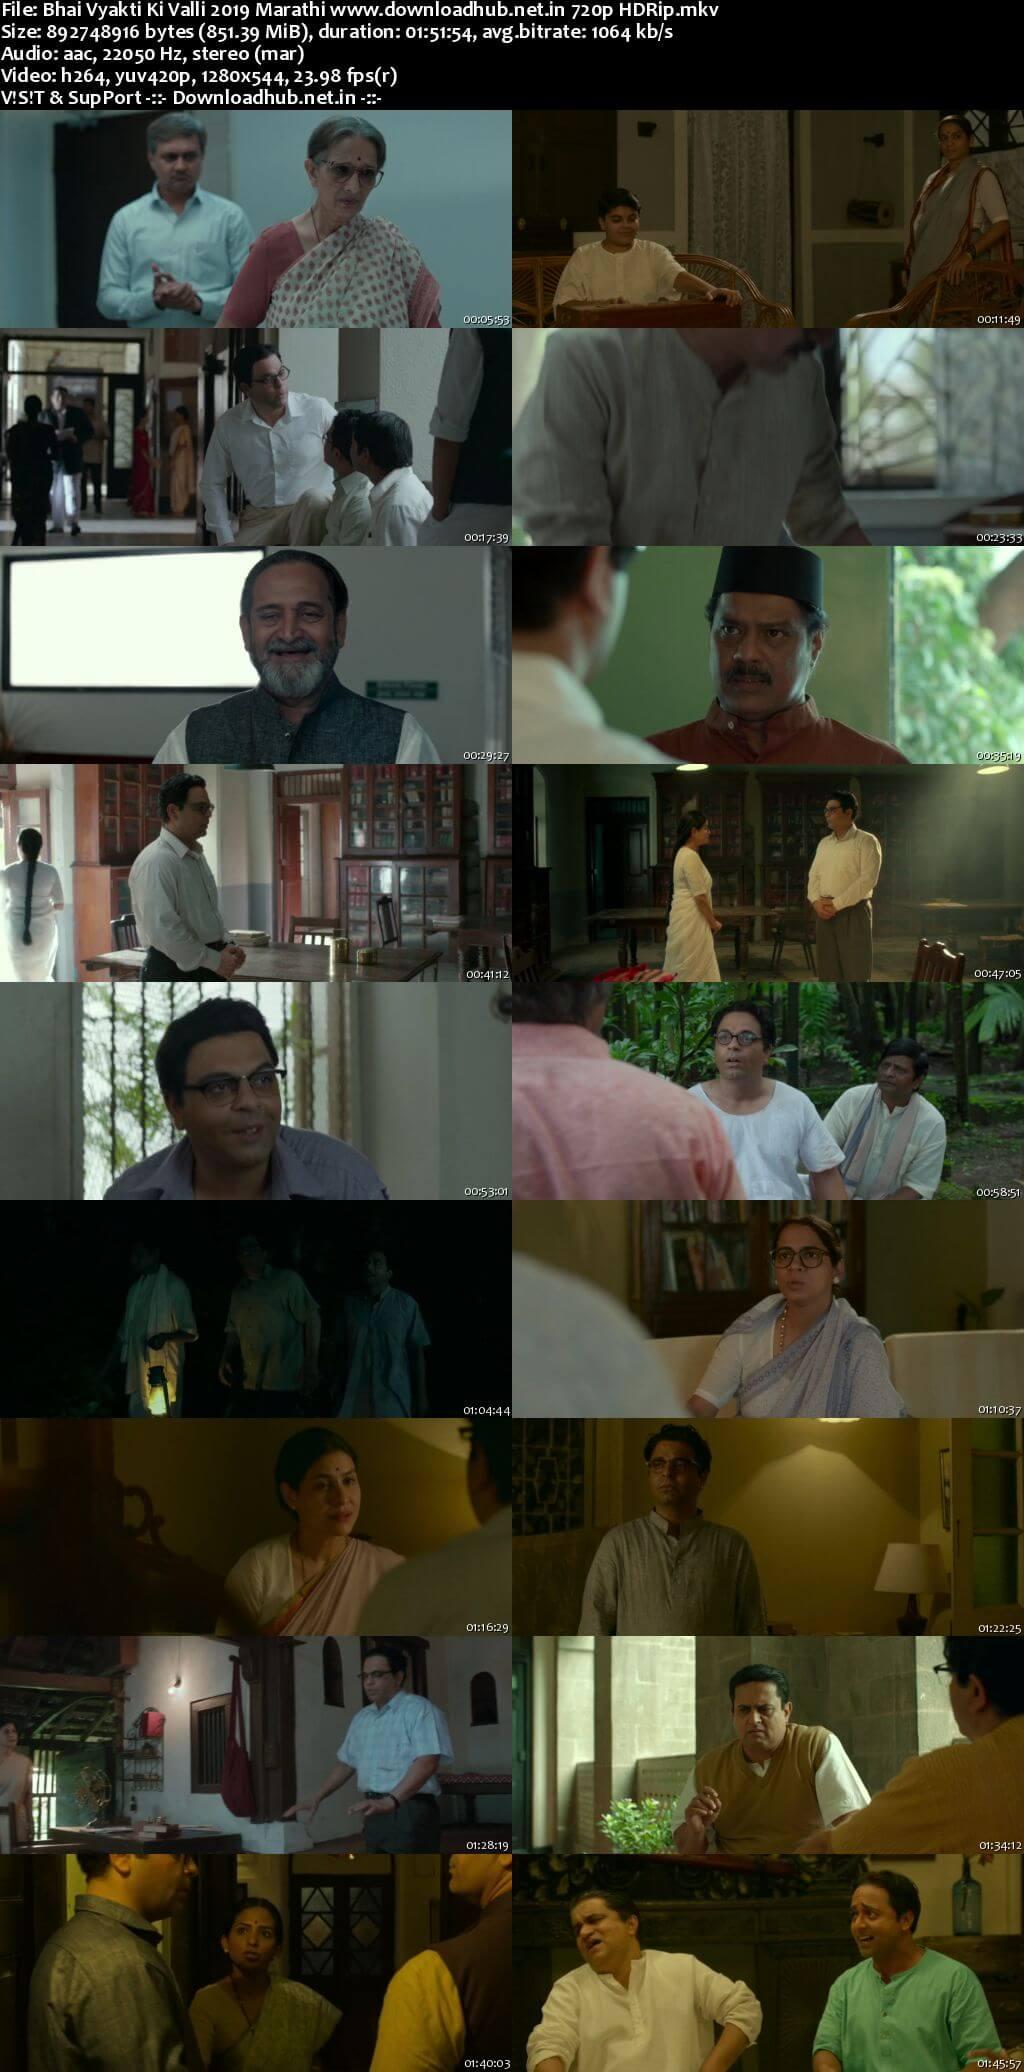 Bhai Vyakti Ki Valli 2019 Marathi 720p HDRip x264